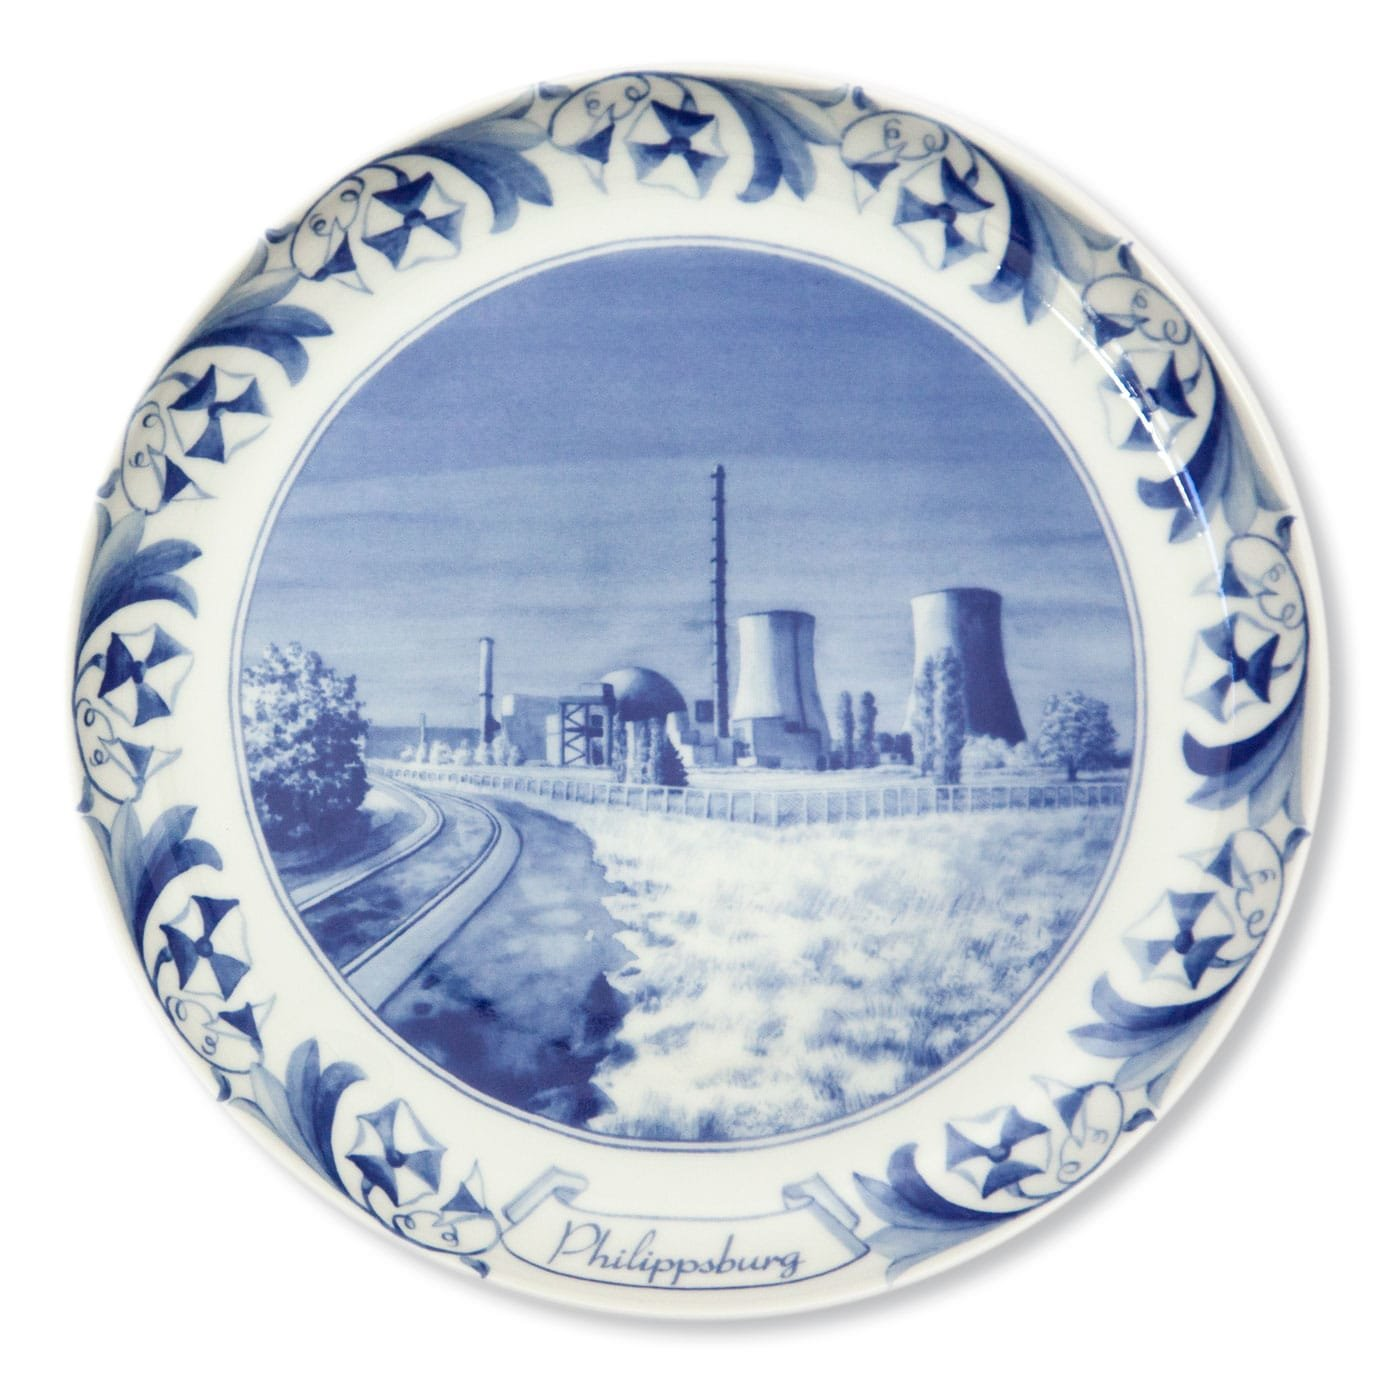 porcelain-nuclear-reactors-plates-philippsburg